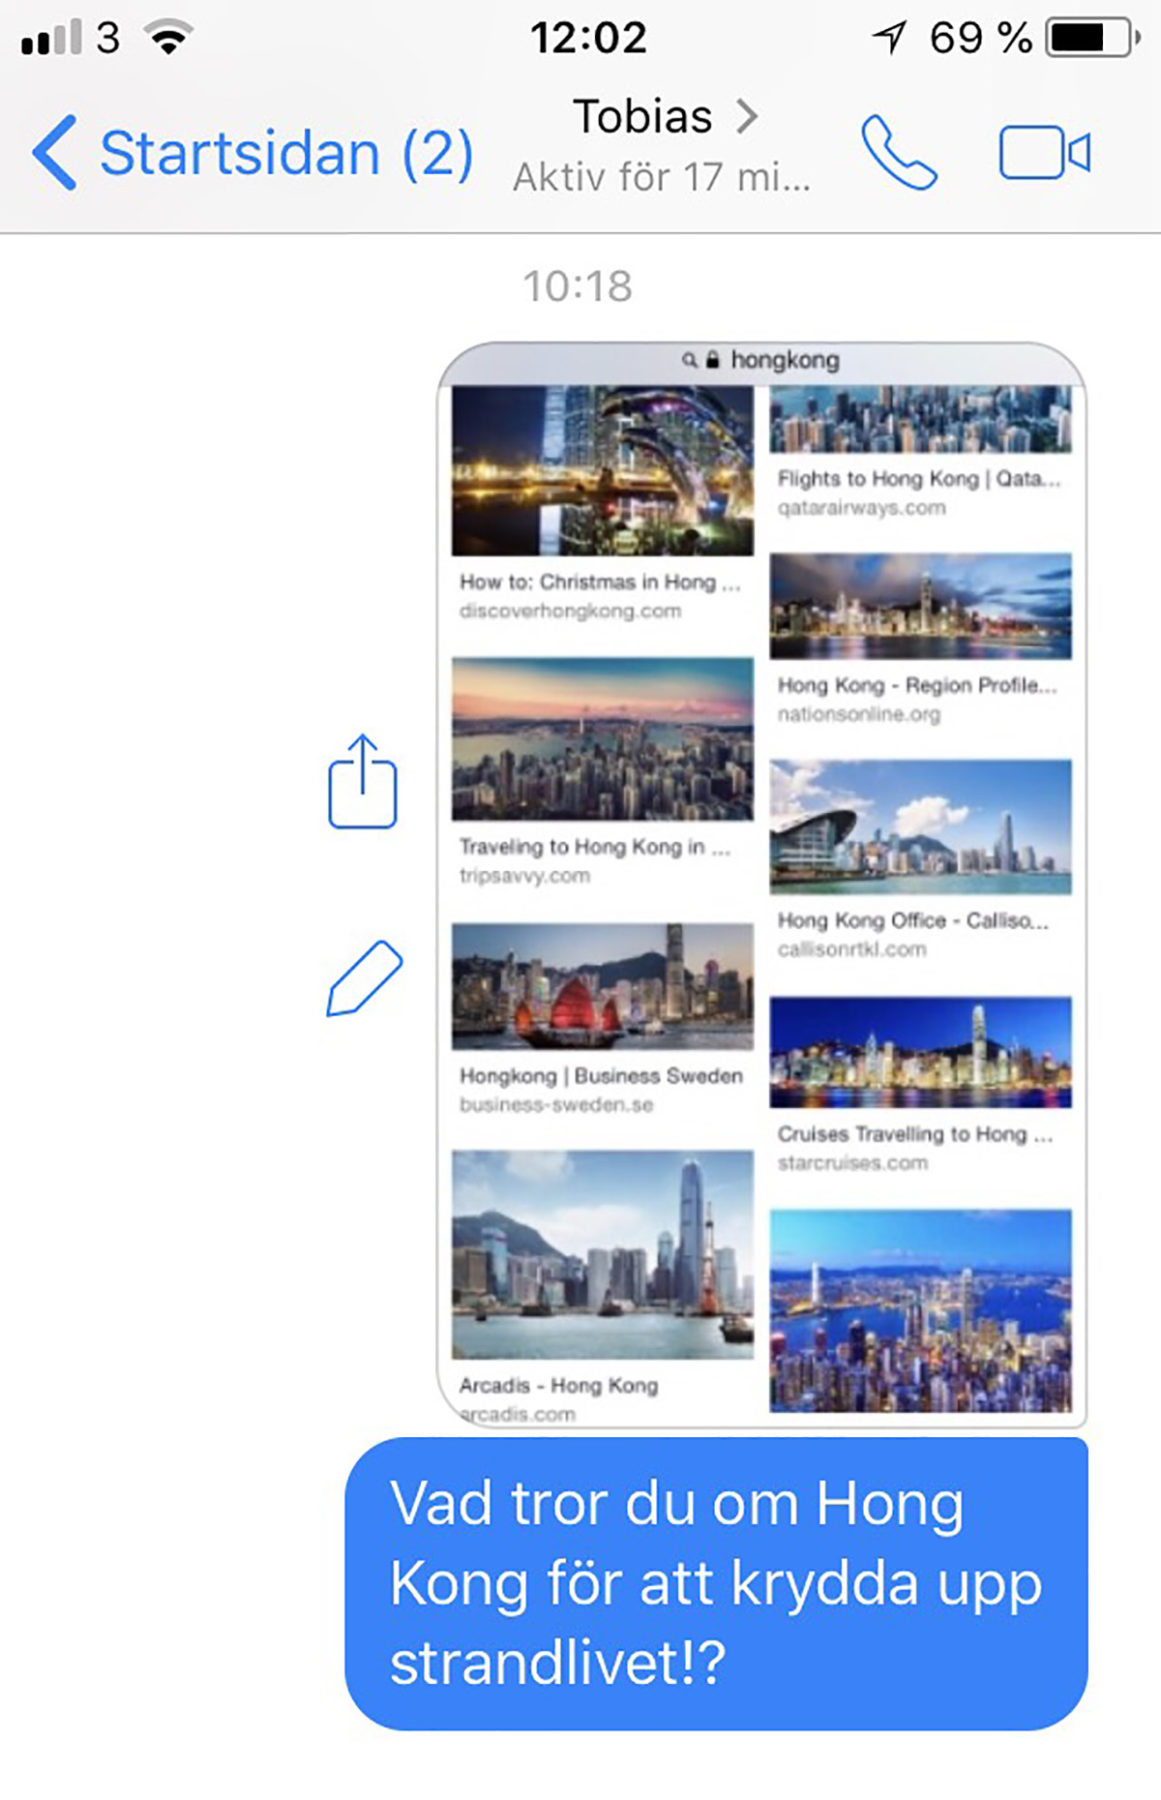 mobilbilder reseplanering